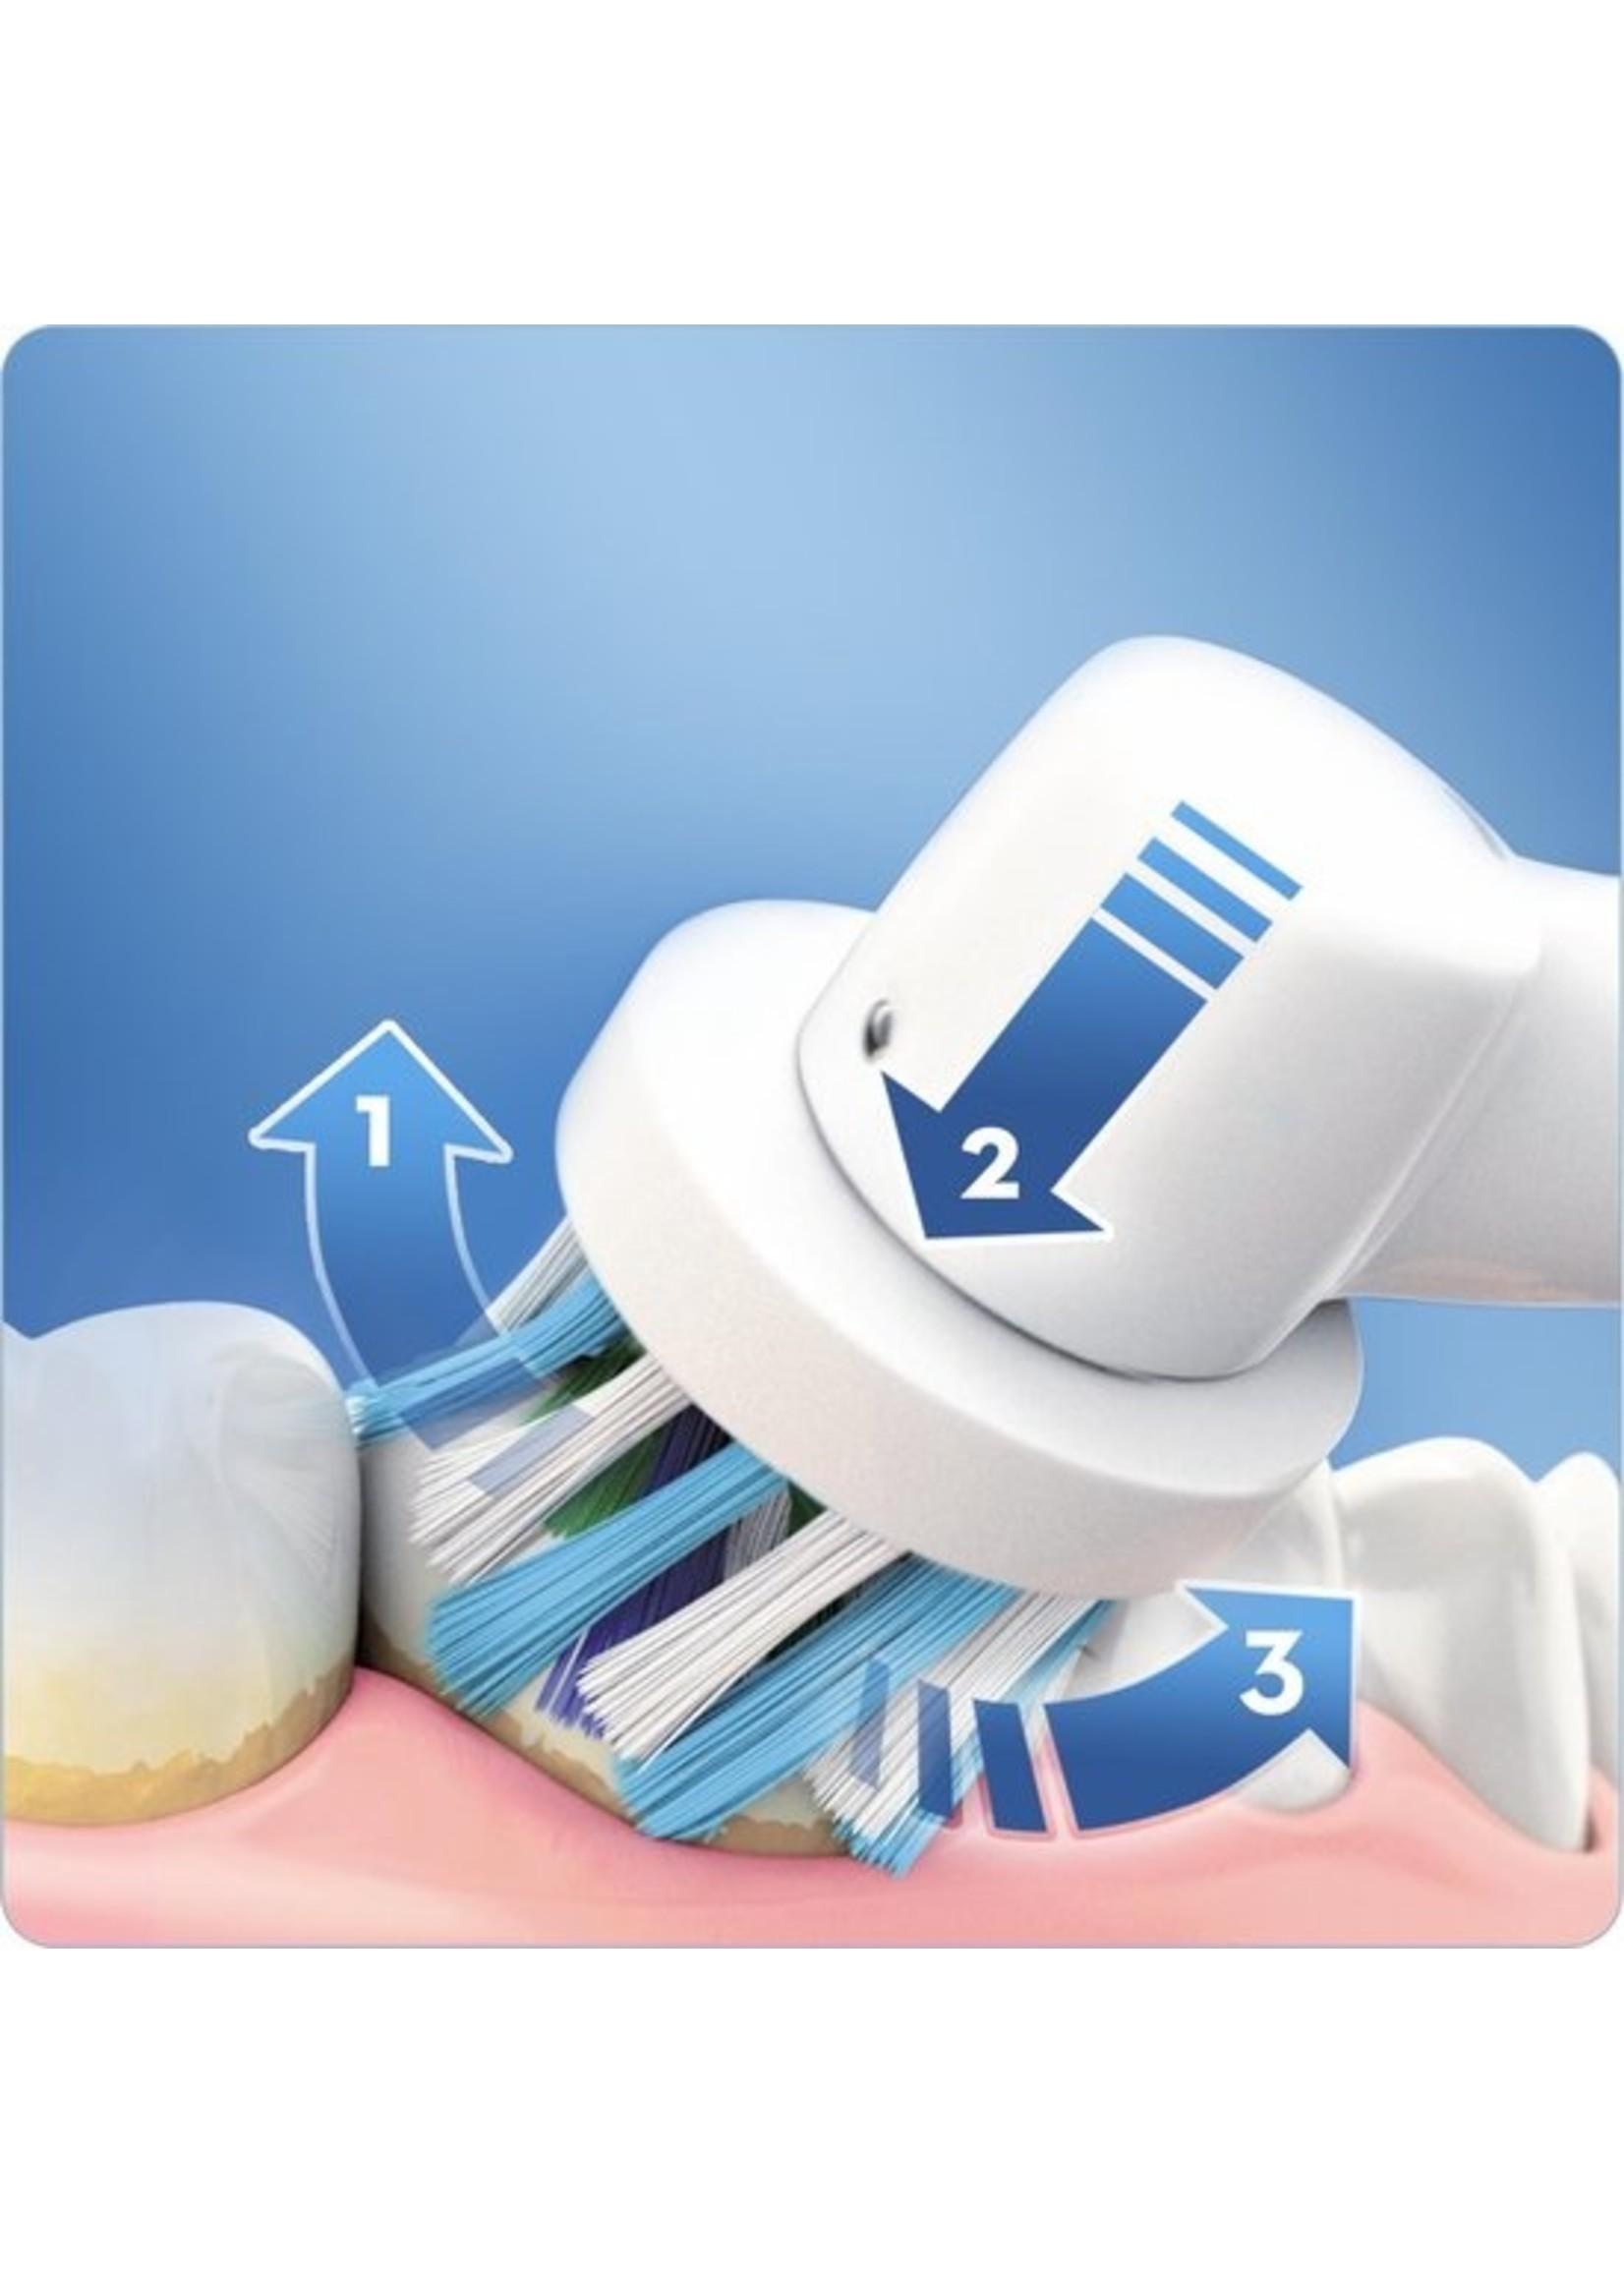 Oral-B Oral-B Pro 750 CrossAction elektrische tandenborstel - Zwart